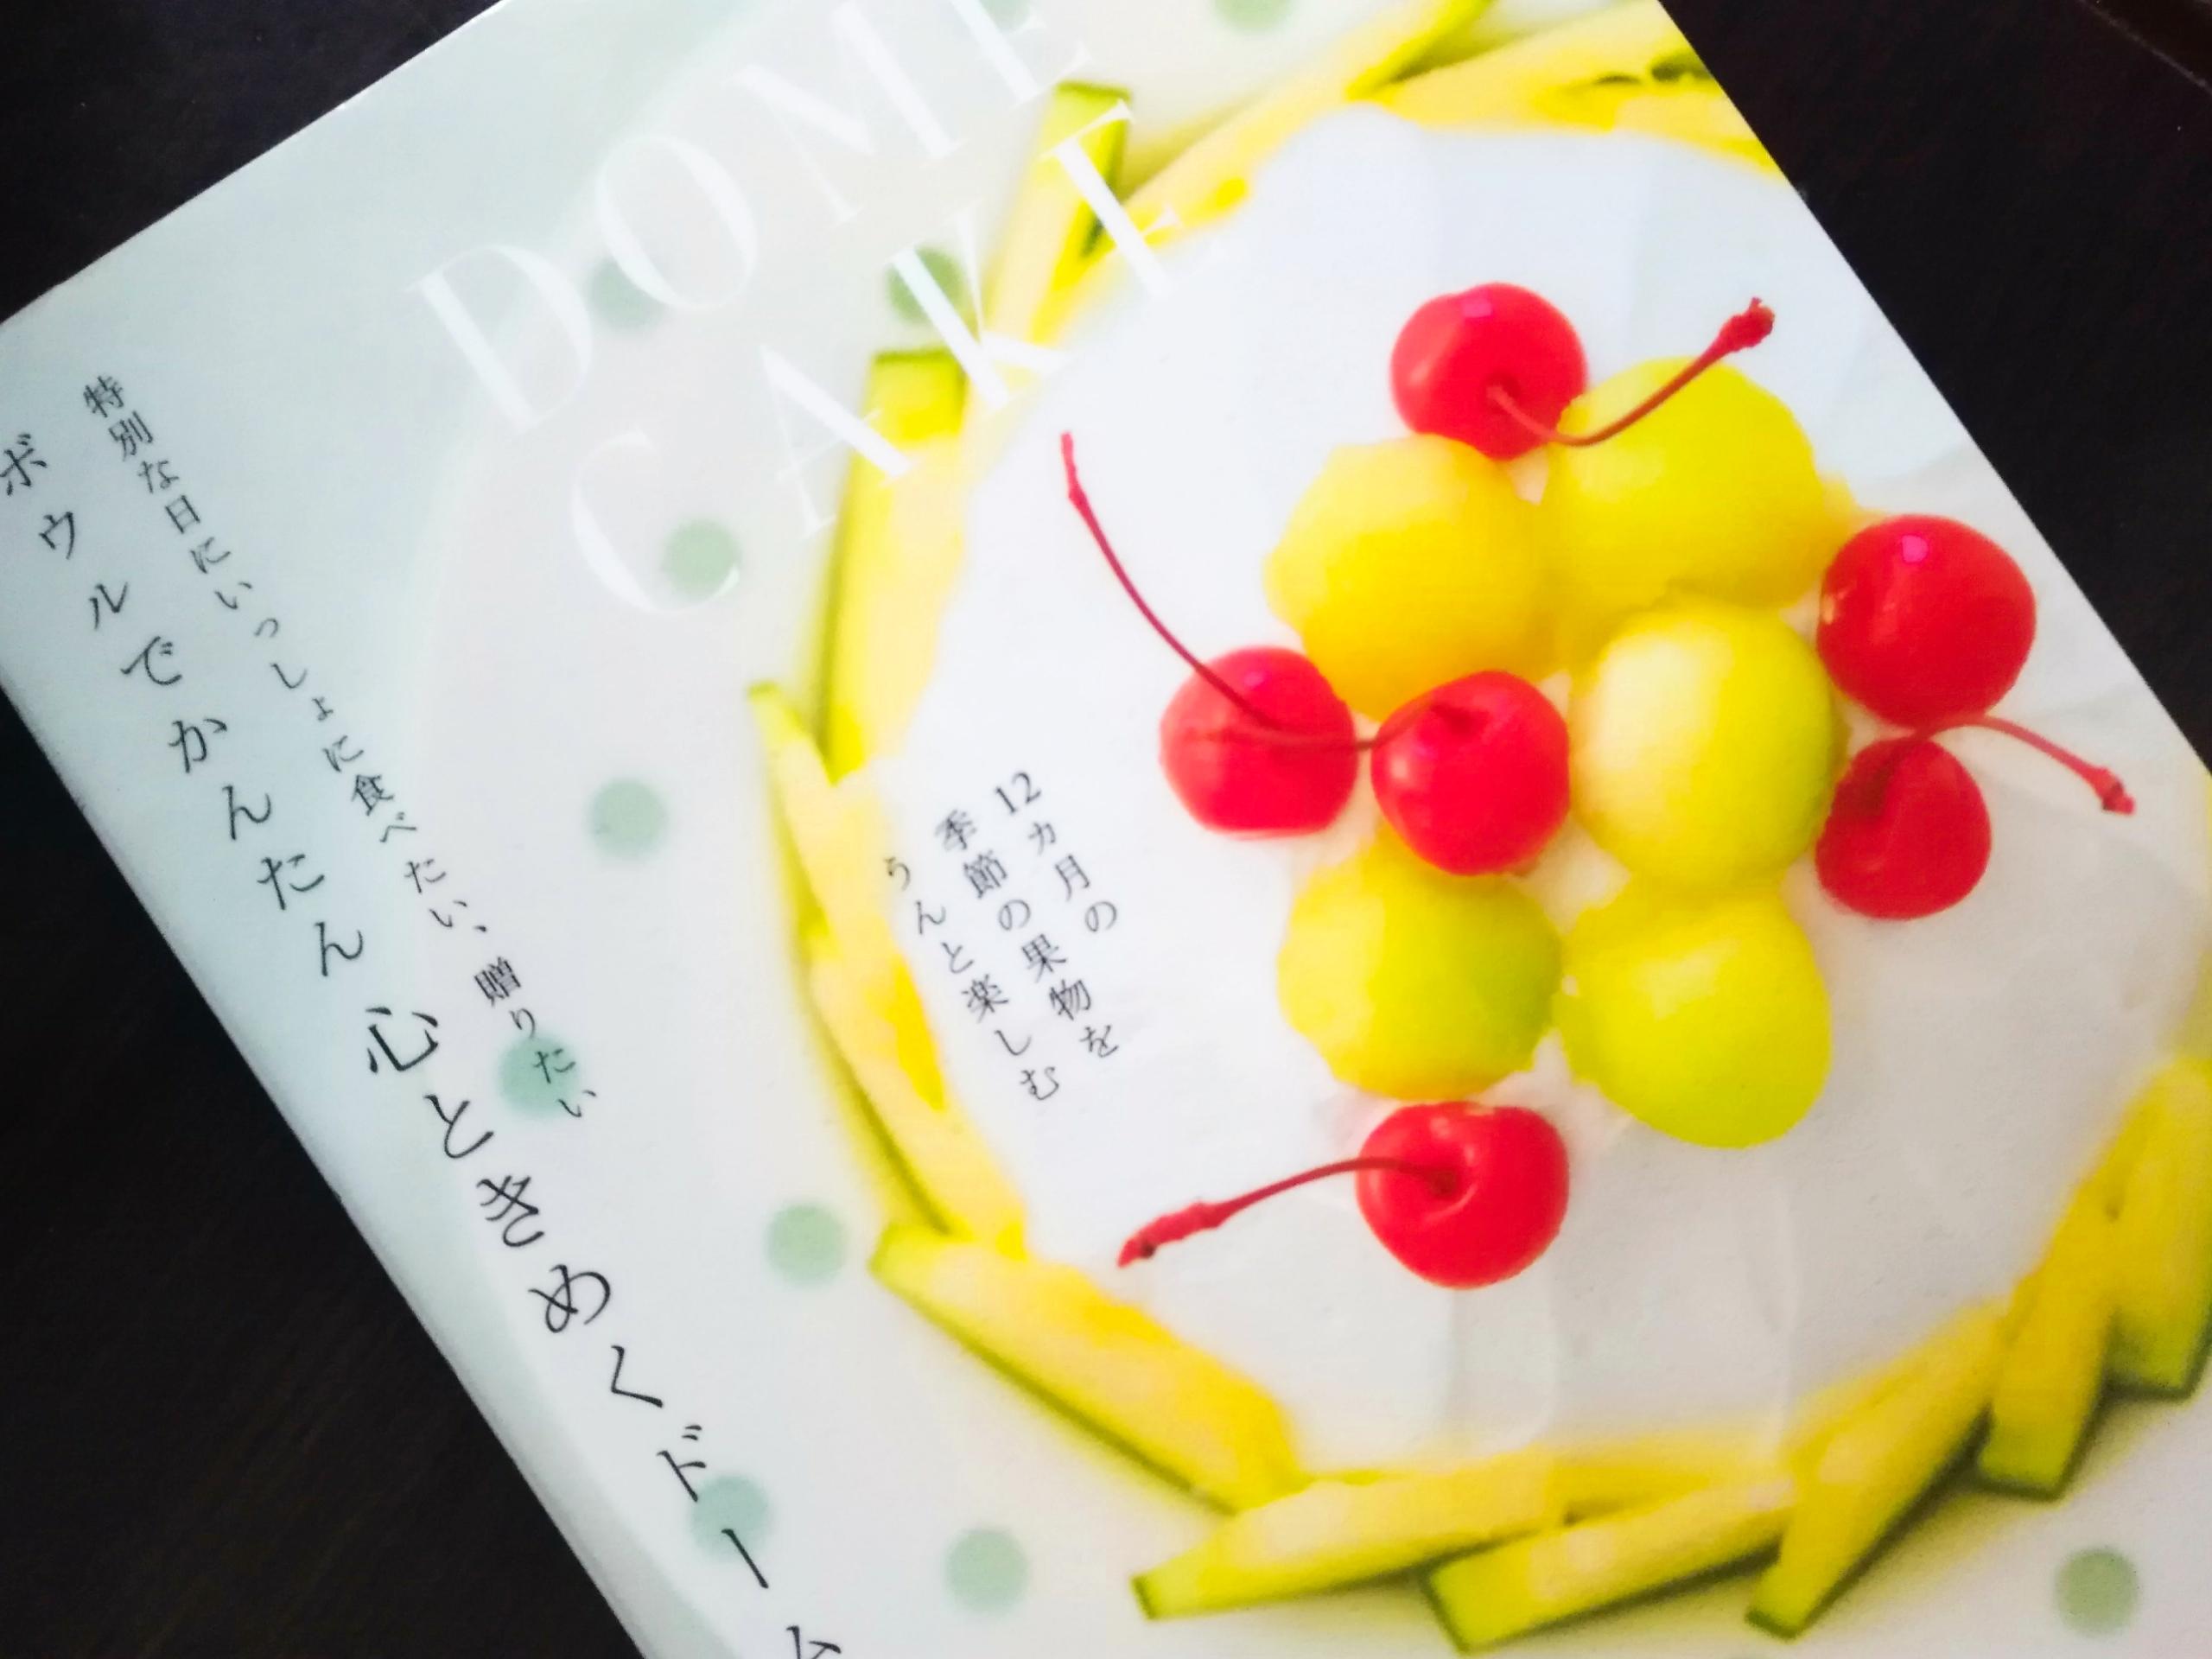 ドームケーキレシピ